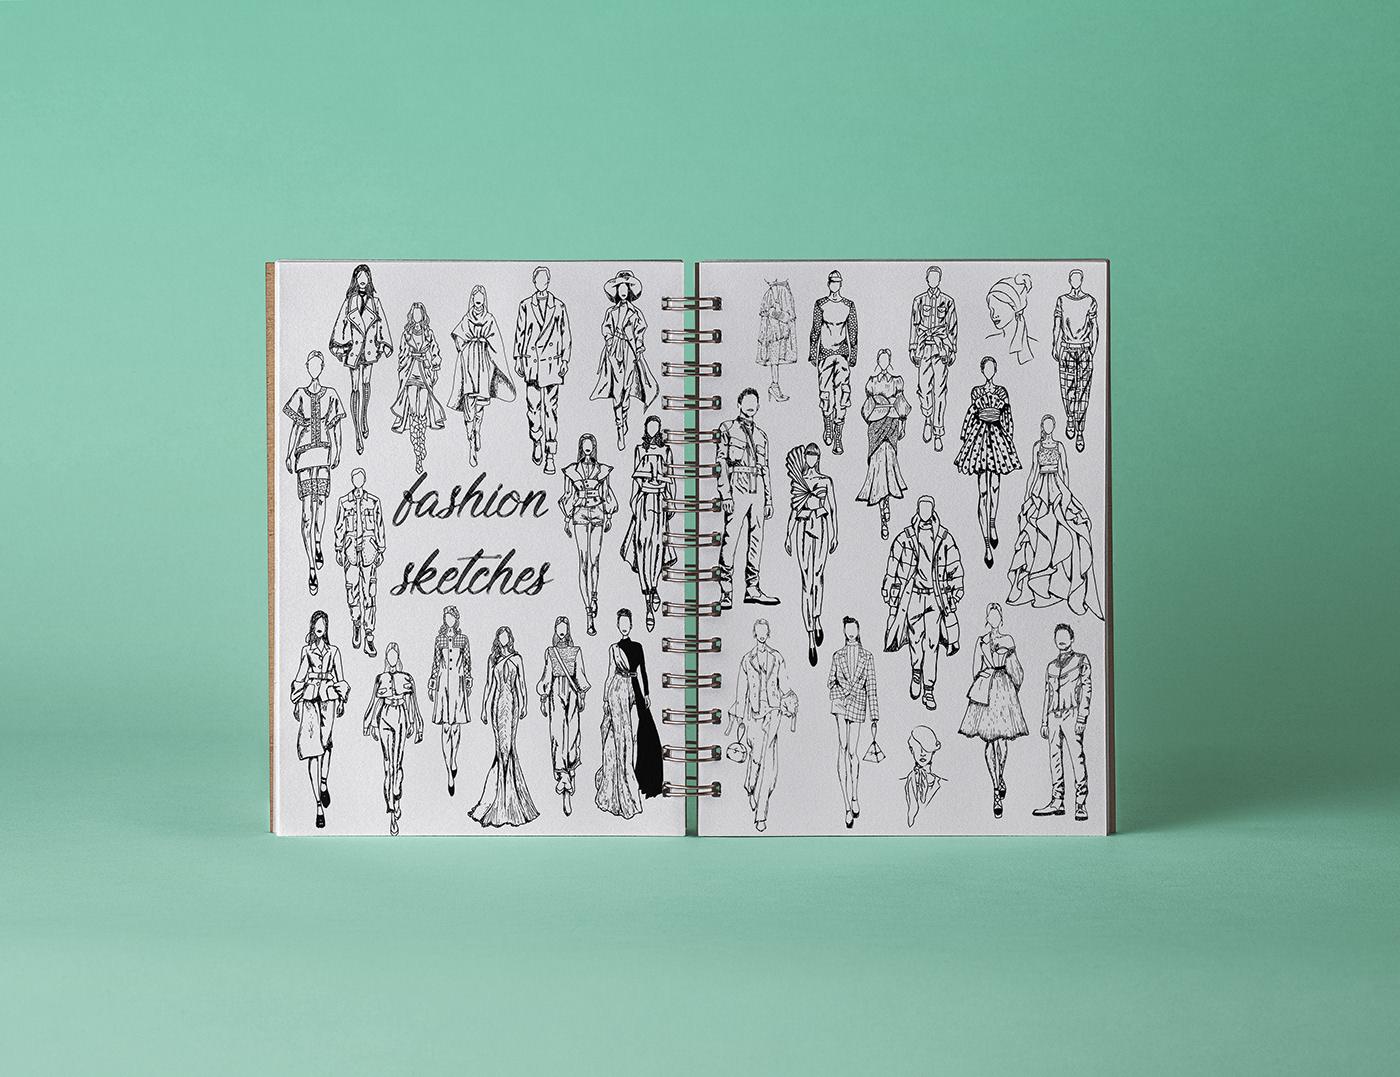 有創意感的35套衣服設計圖欣賞